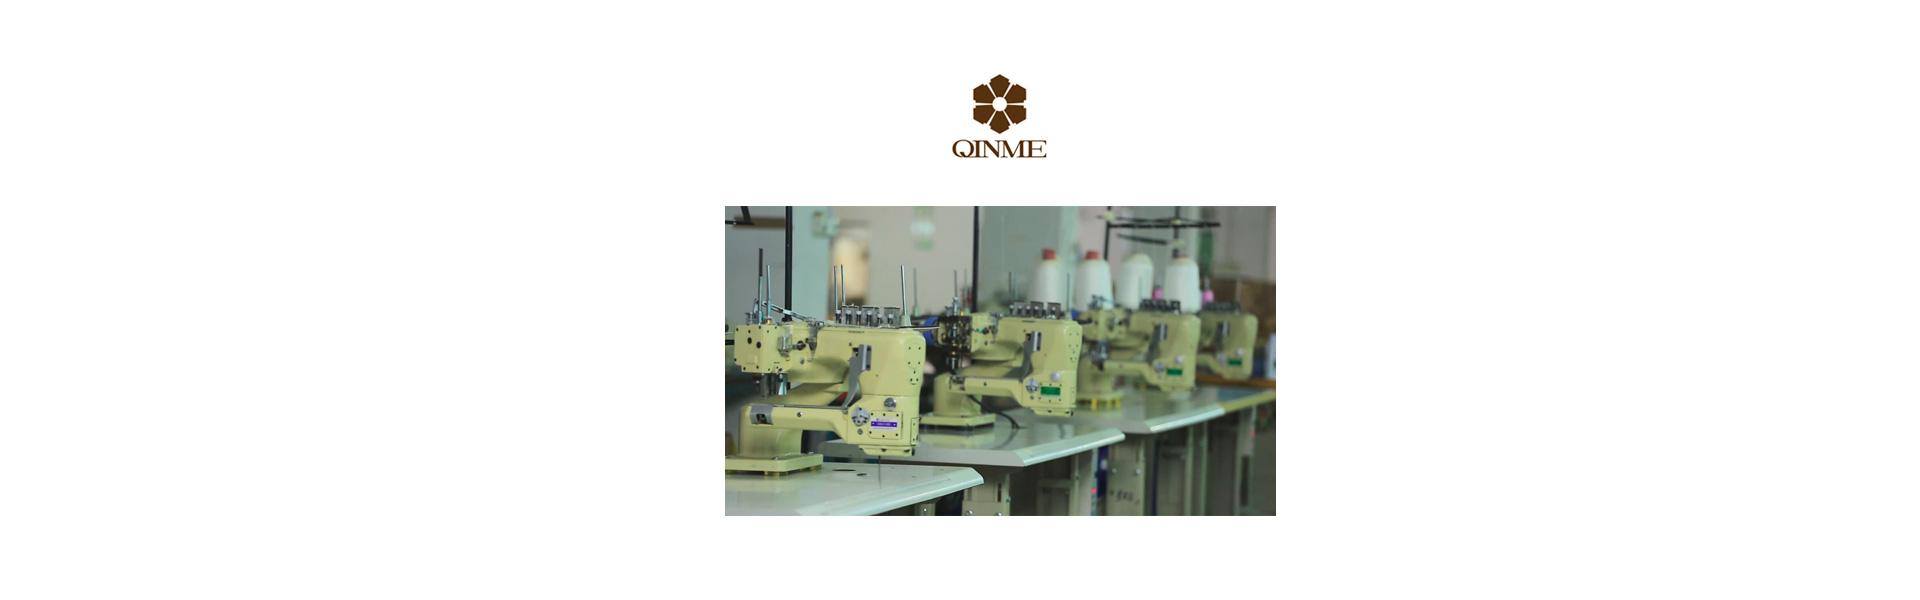 เกียร์ยุทธวิธีและผู้ผลิตล็อคโซลินอยด์